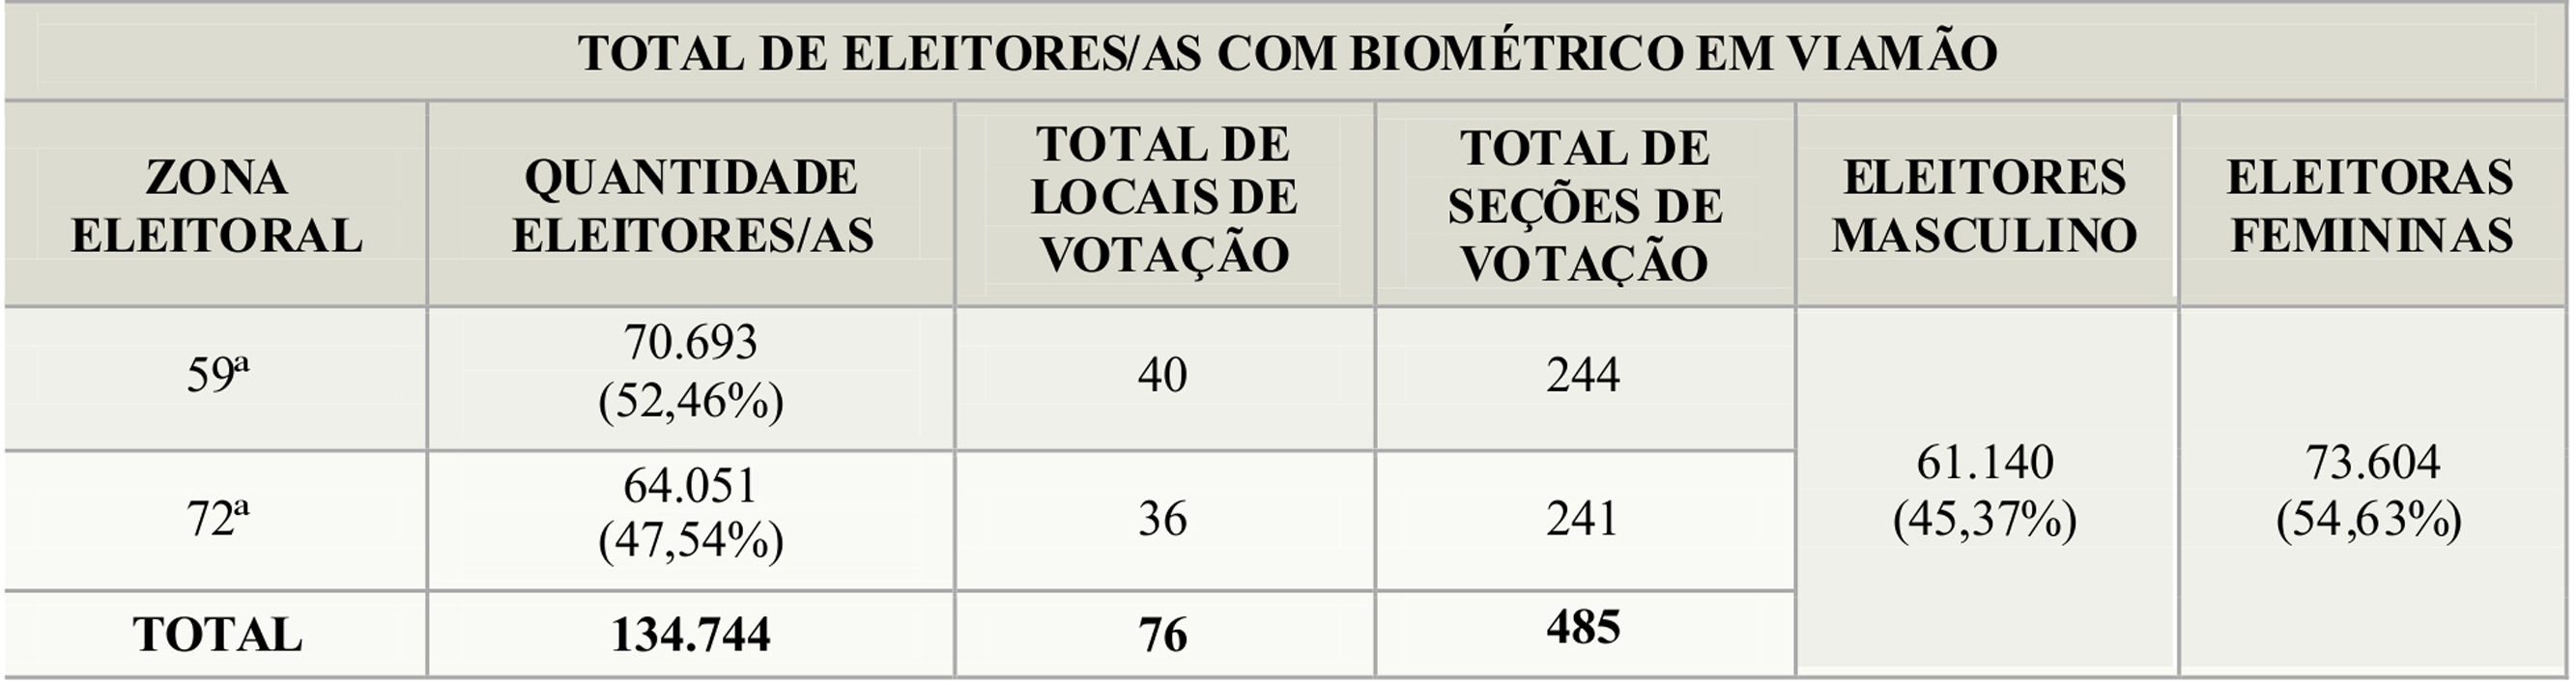 quadro dados eleitorado Viam